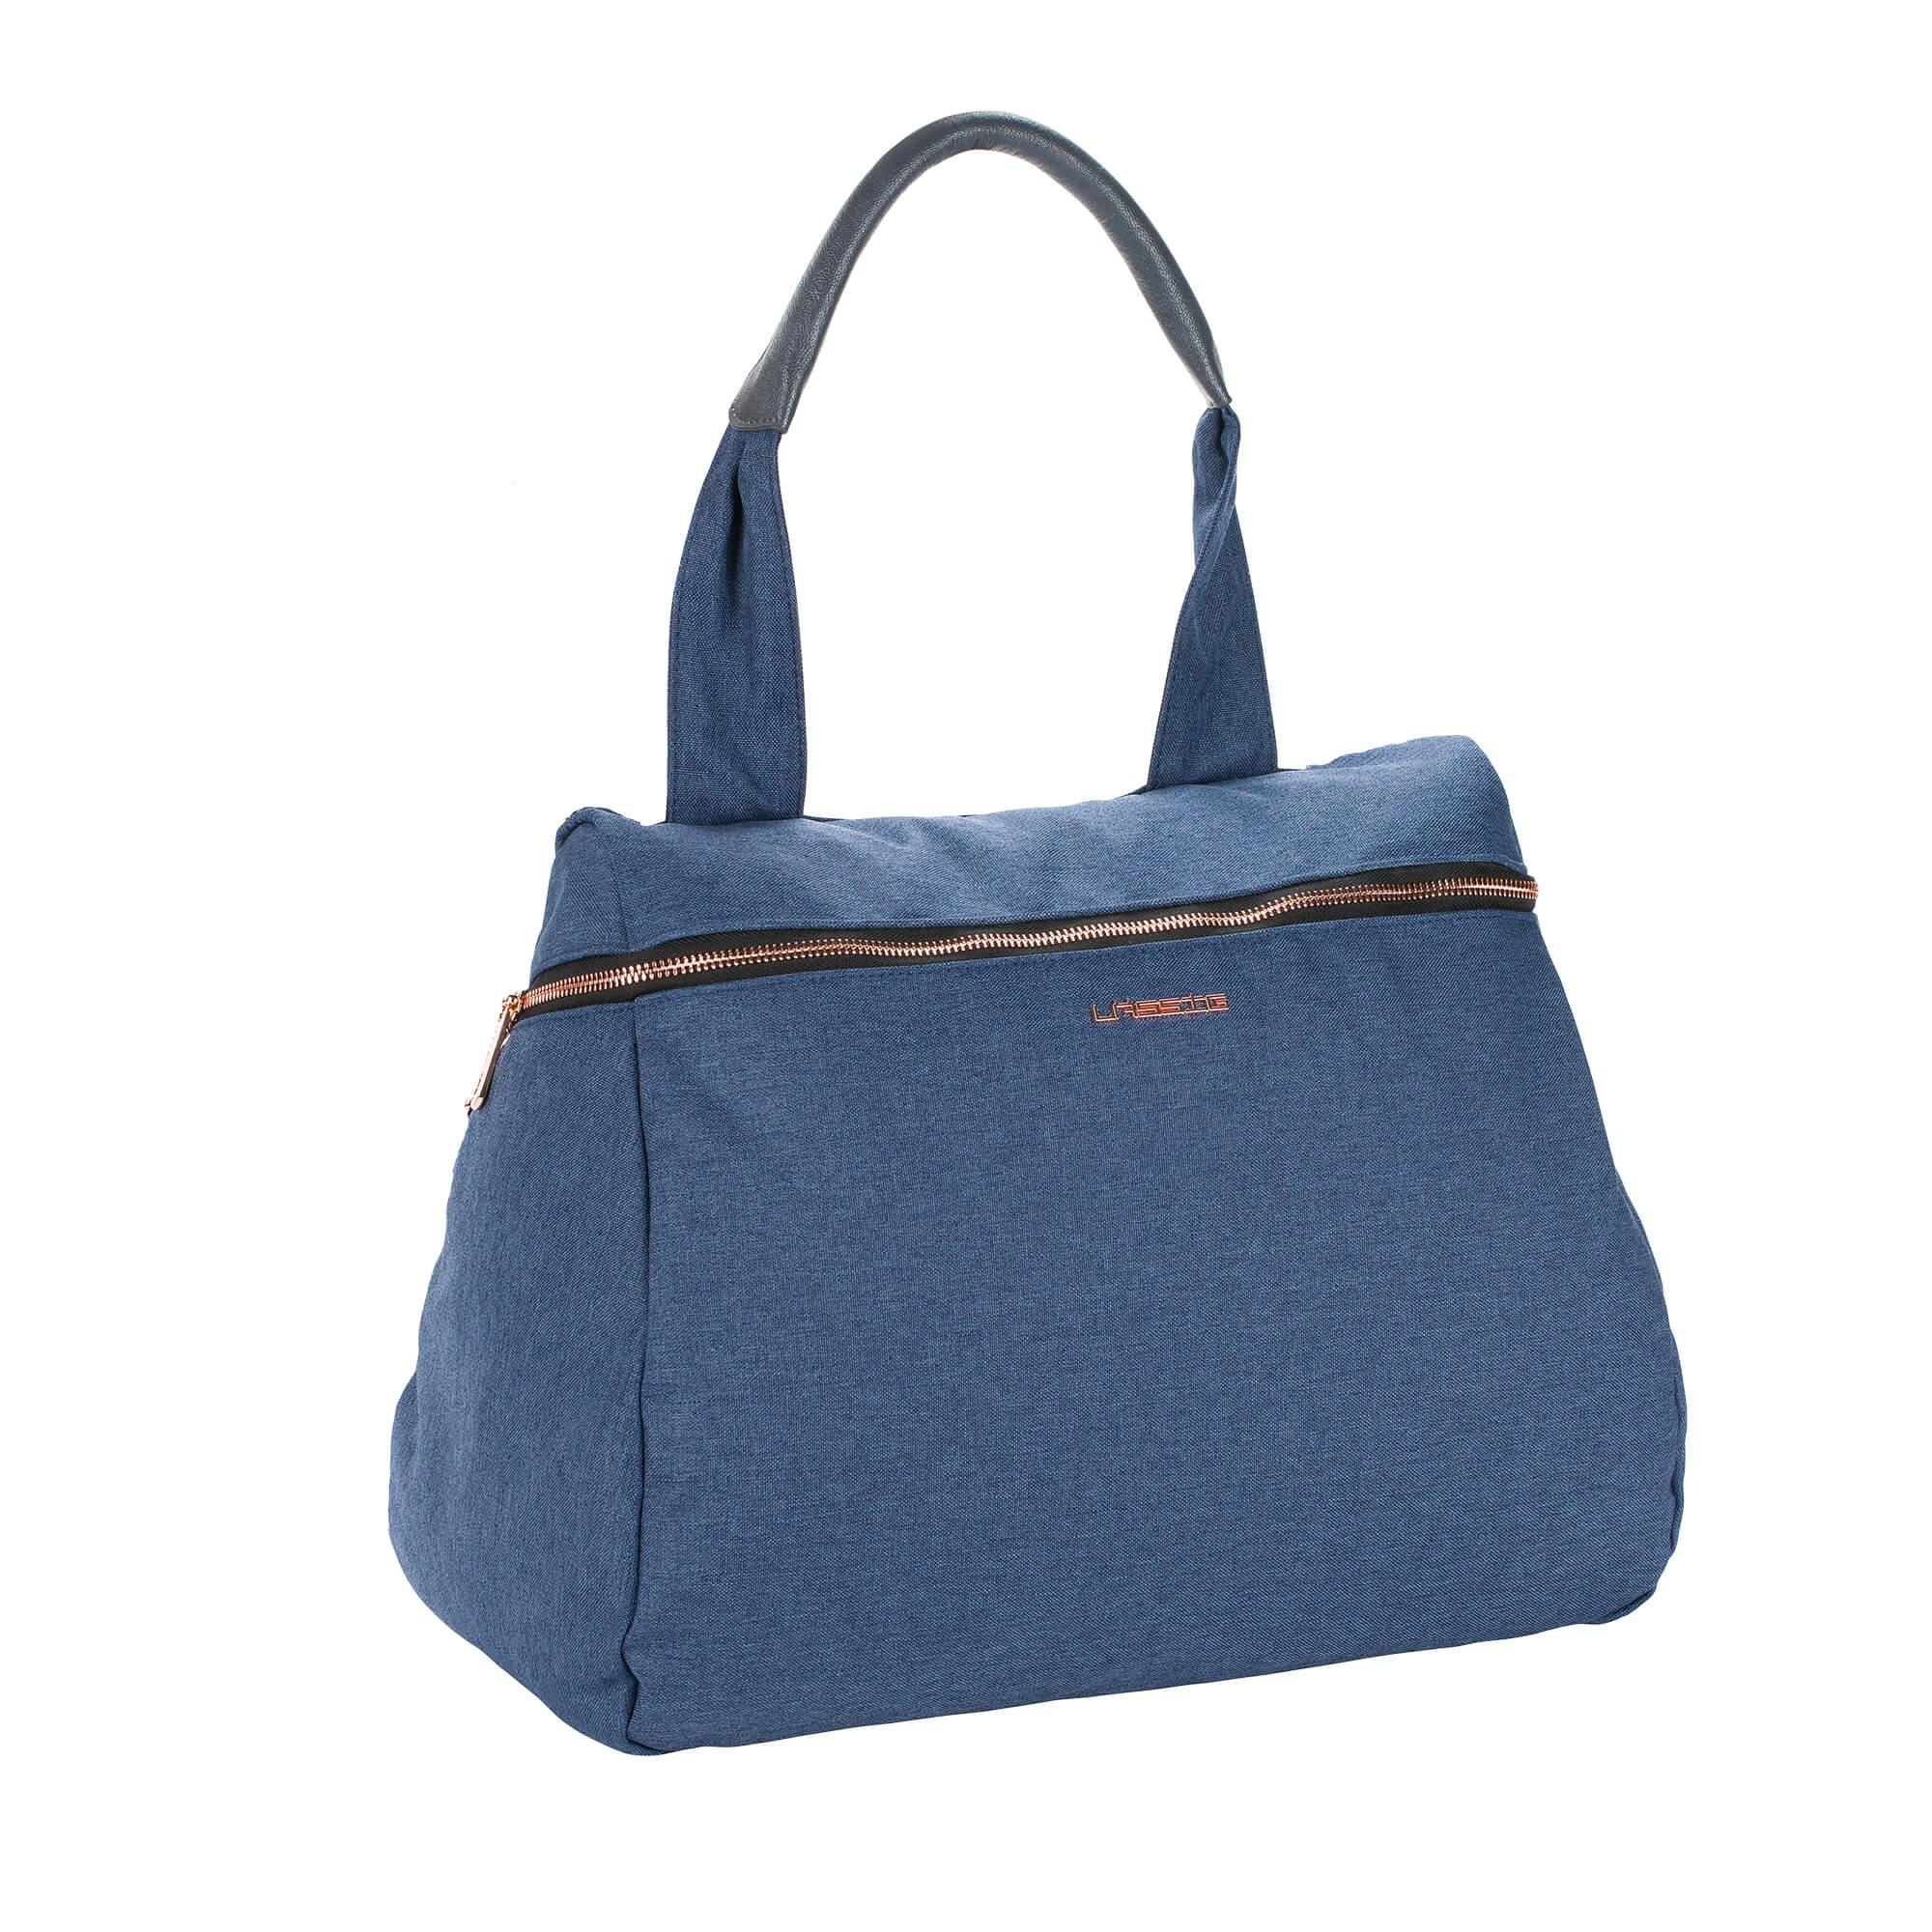 lassig glam rosie diaper bag blue lassig usa. Black Bedroom Furniture Sets. Home Design Ideas